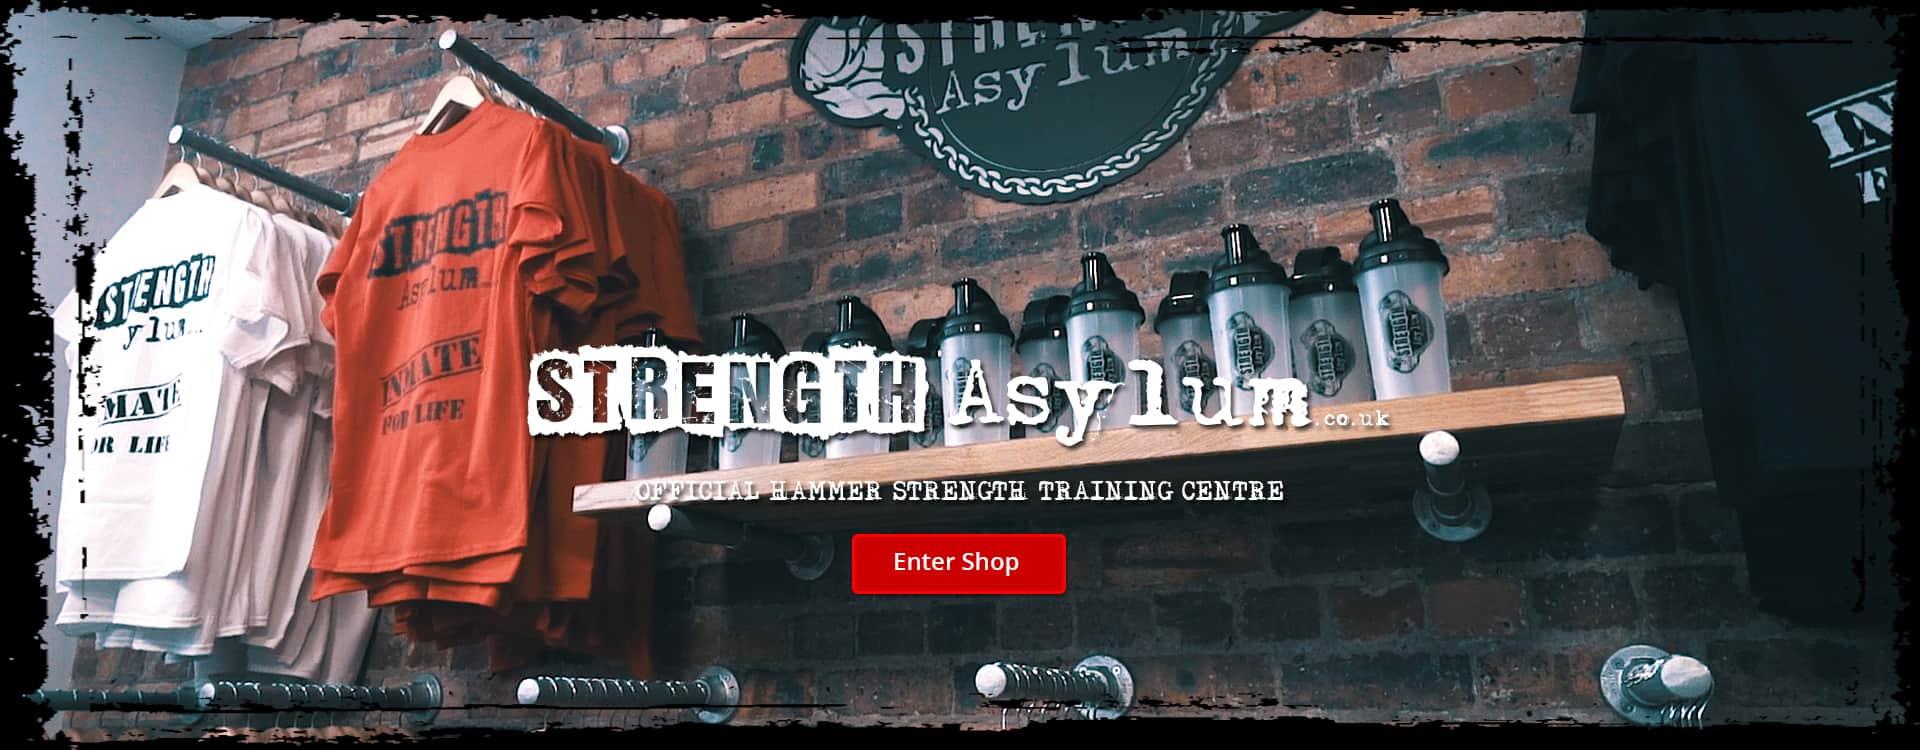 http://www.strengthasylum.co.uk/wp-content/uploads/2017/02/feb-banner-6.jpg